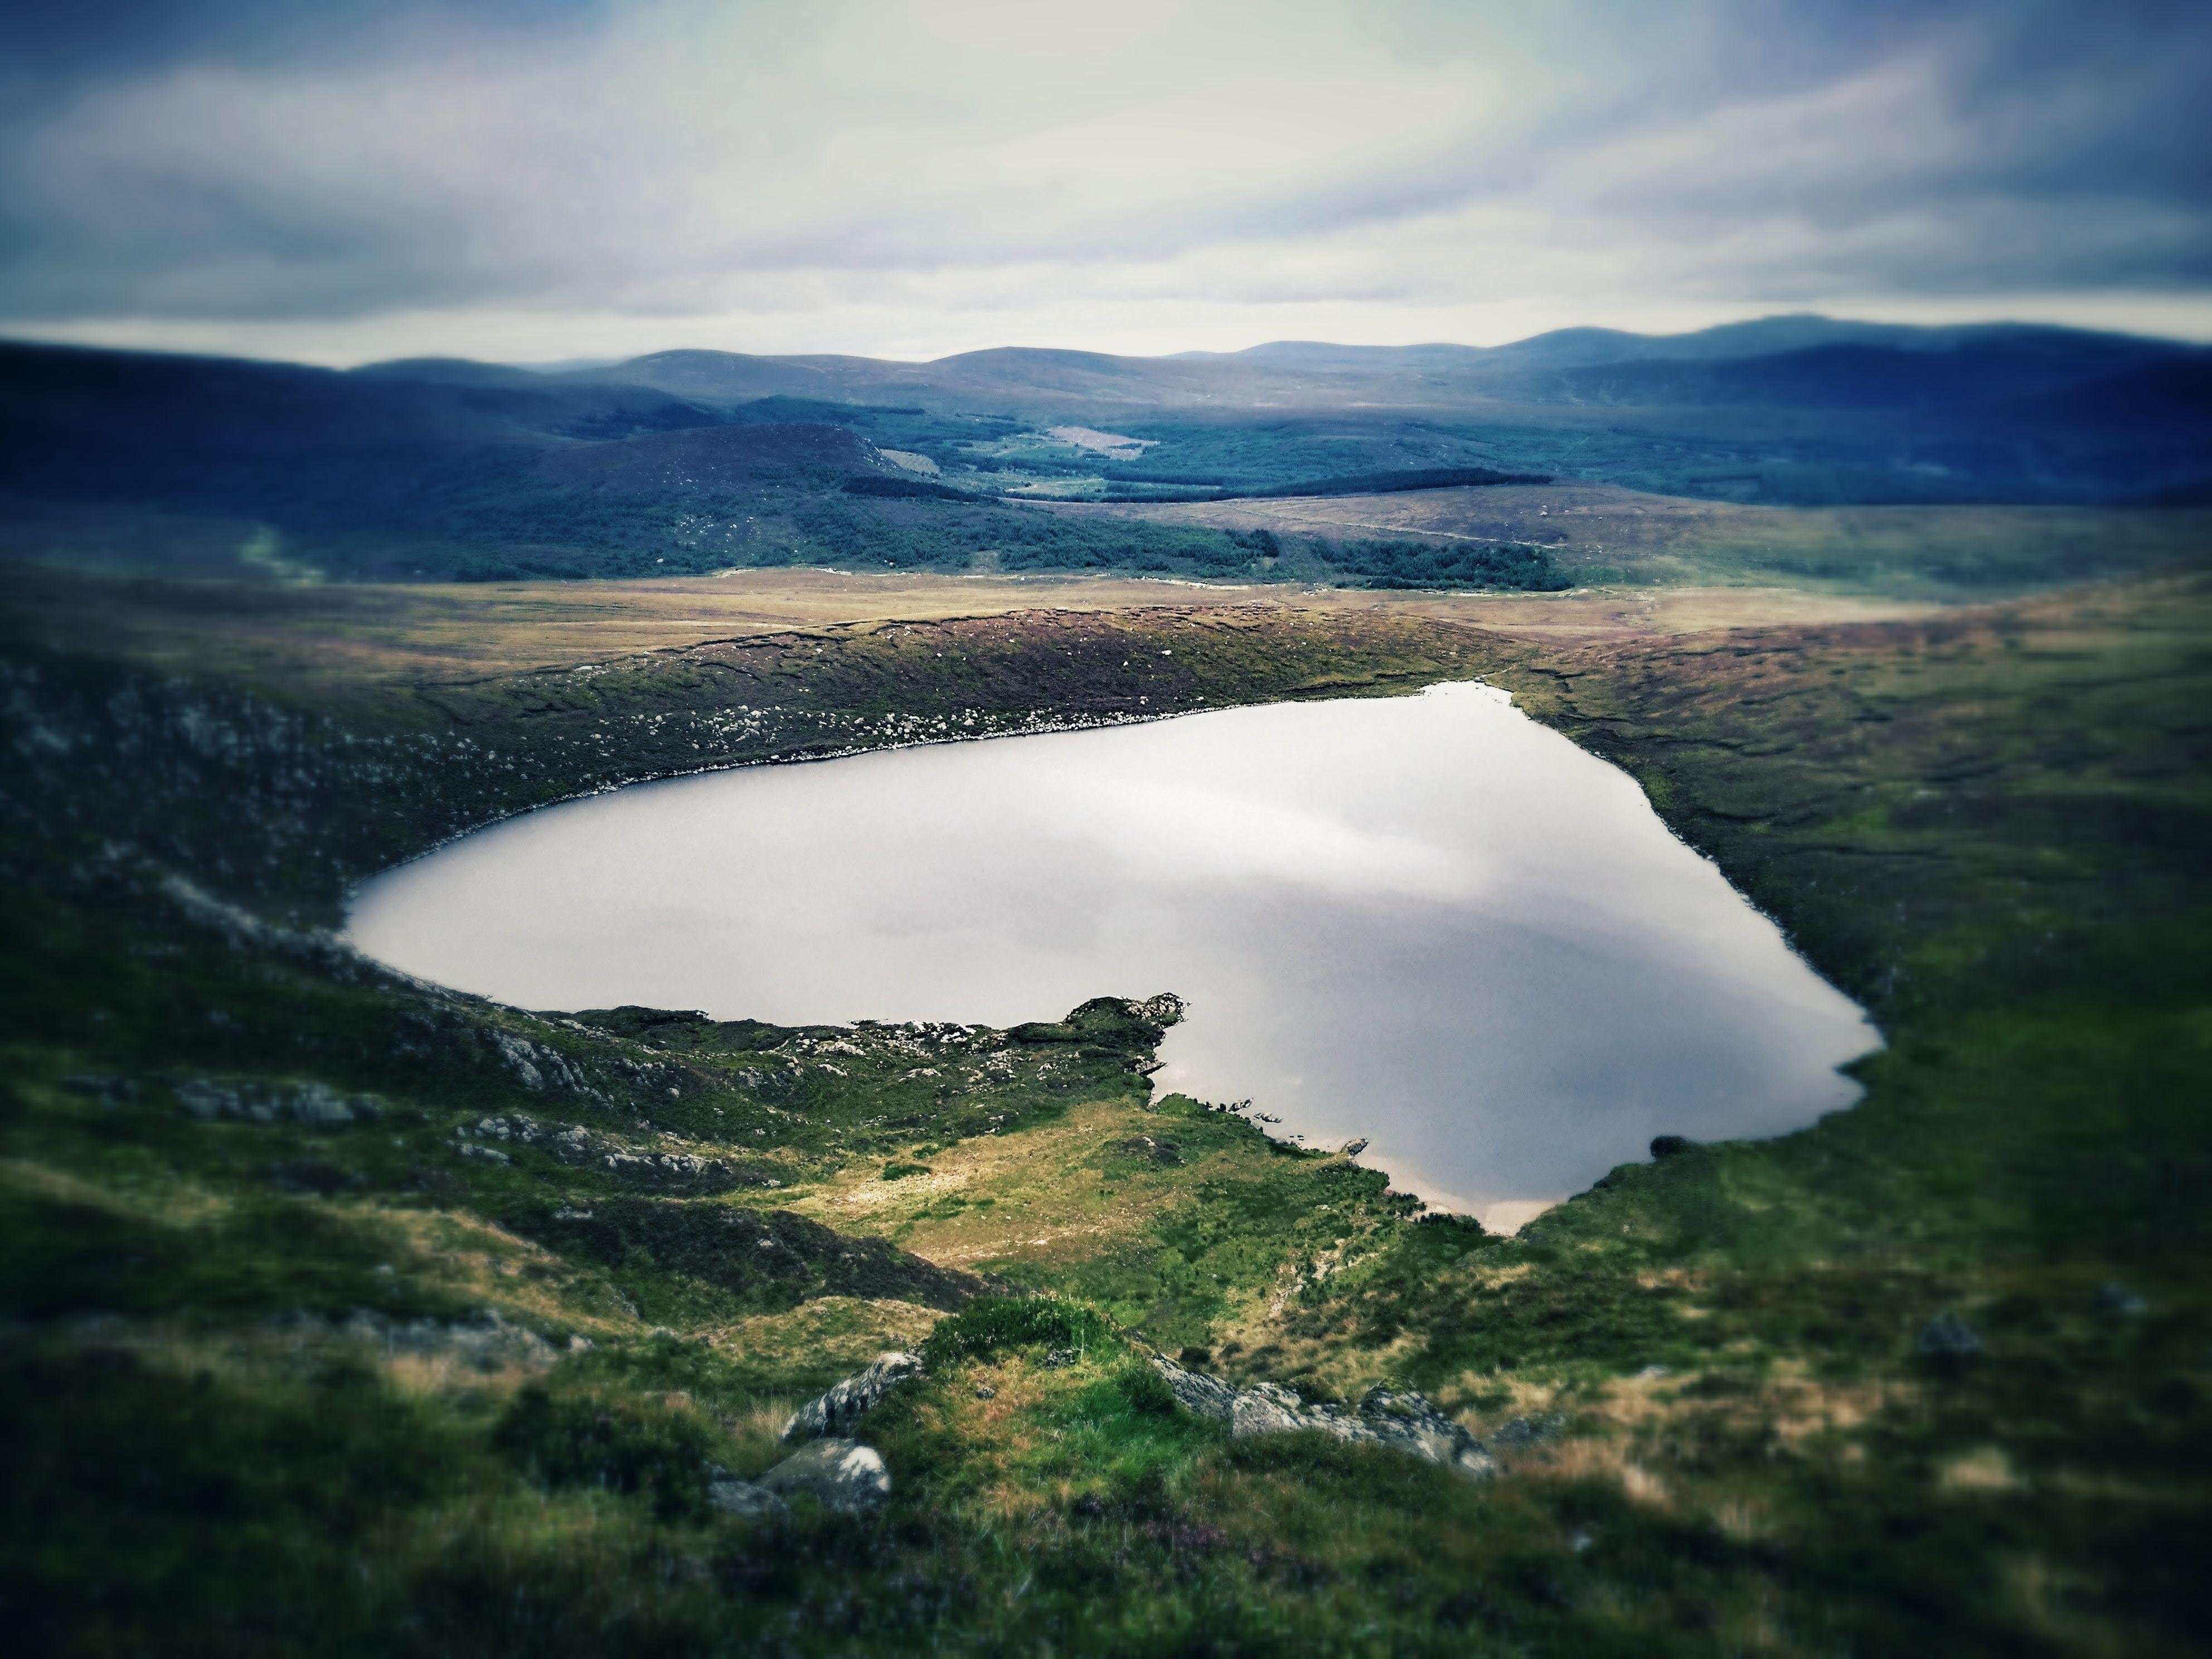 naturskjønn utsikt over innsjøen og fjellene mot himmelen